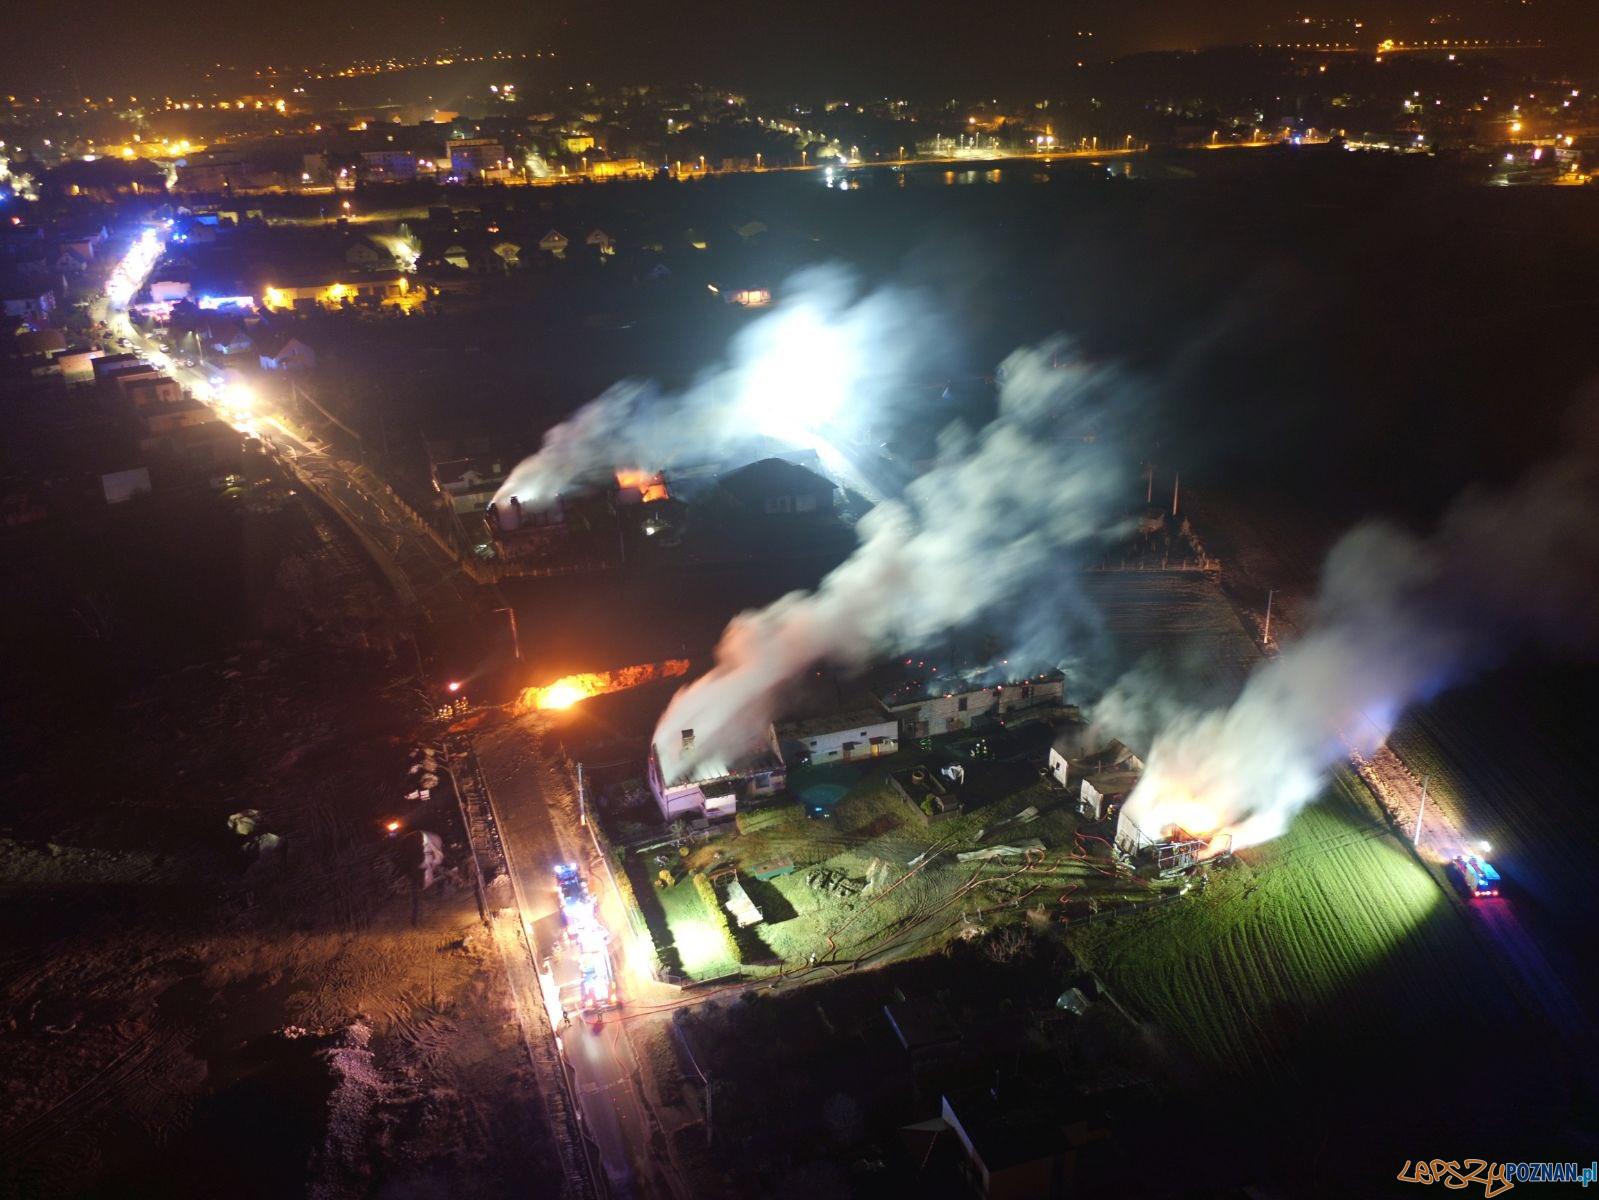 Pożar po wybuchu gazociągu w Murowanej Goślinie  Foto: Wielkopolska Policja